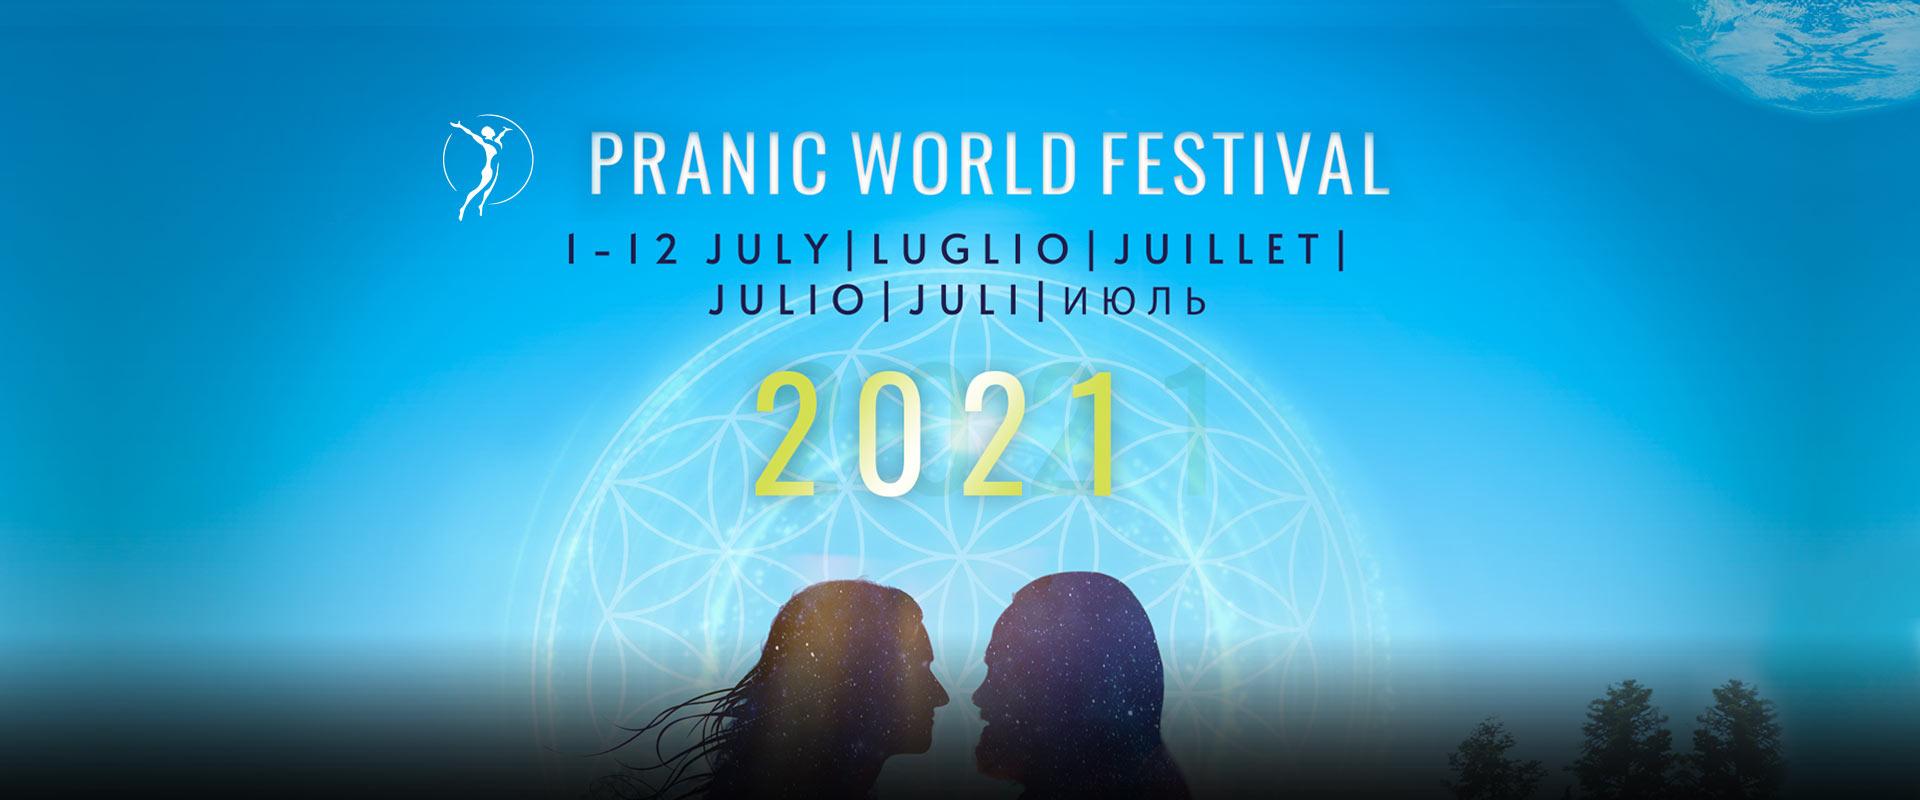 pranic world festival online 2020